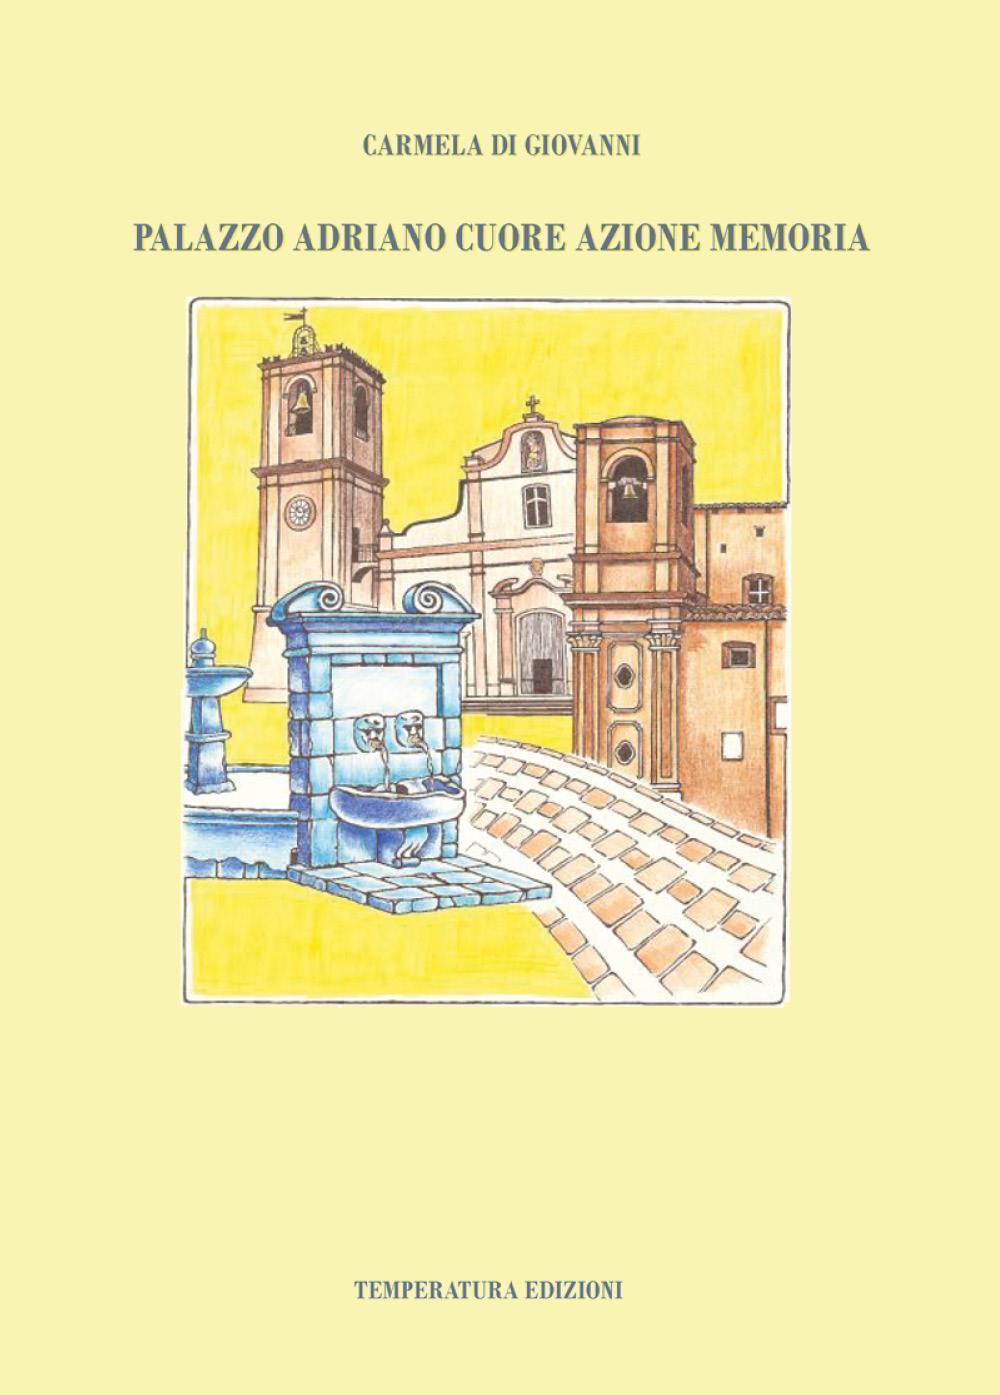 Palazzo Adriano Cuore Azione Memoria